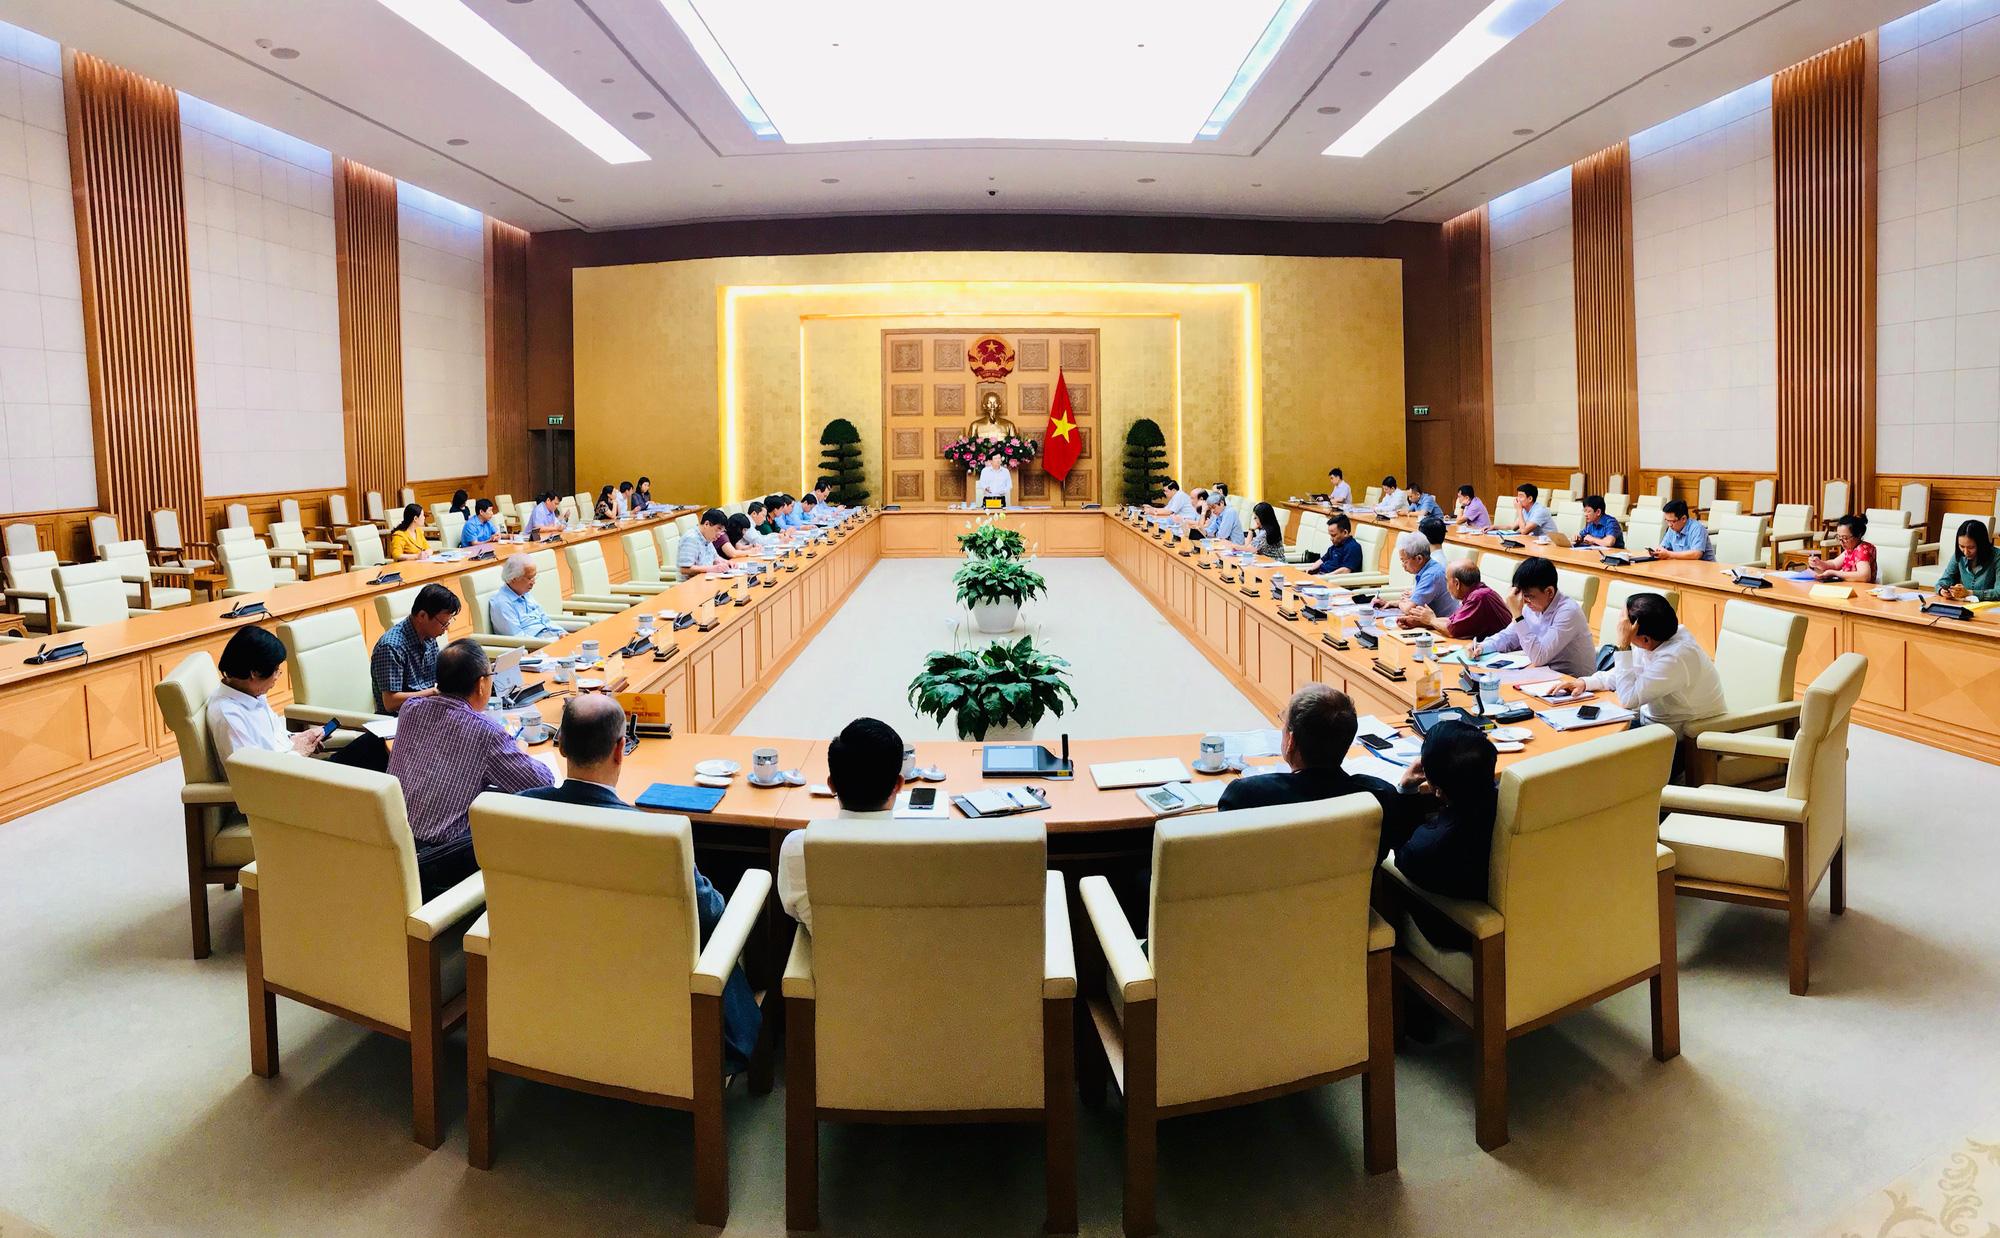 Phó Thủ tướng Trịnh Đình Dũng: Phải đánh giá toàn diện các yếu tố khi lập quy hoạch vùng ĐBSCL - Ảnh 3.